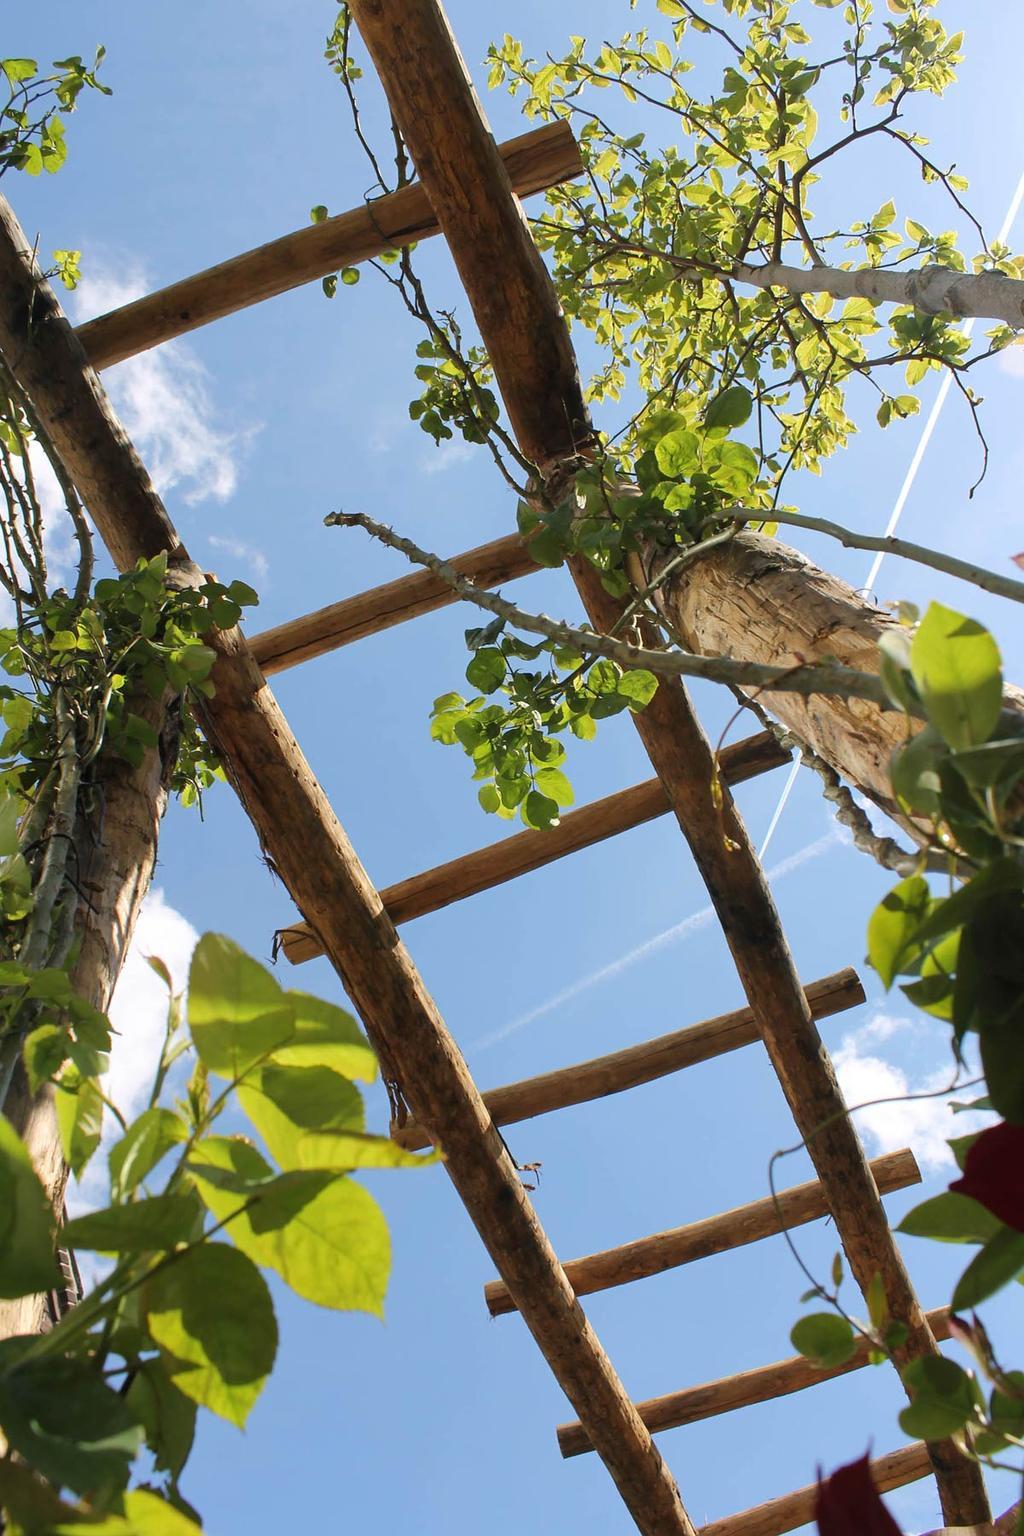 vtwonen - Blog Kristel Mallorca in de achtertuin vtwonen